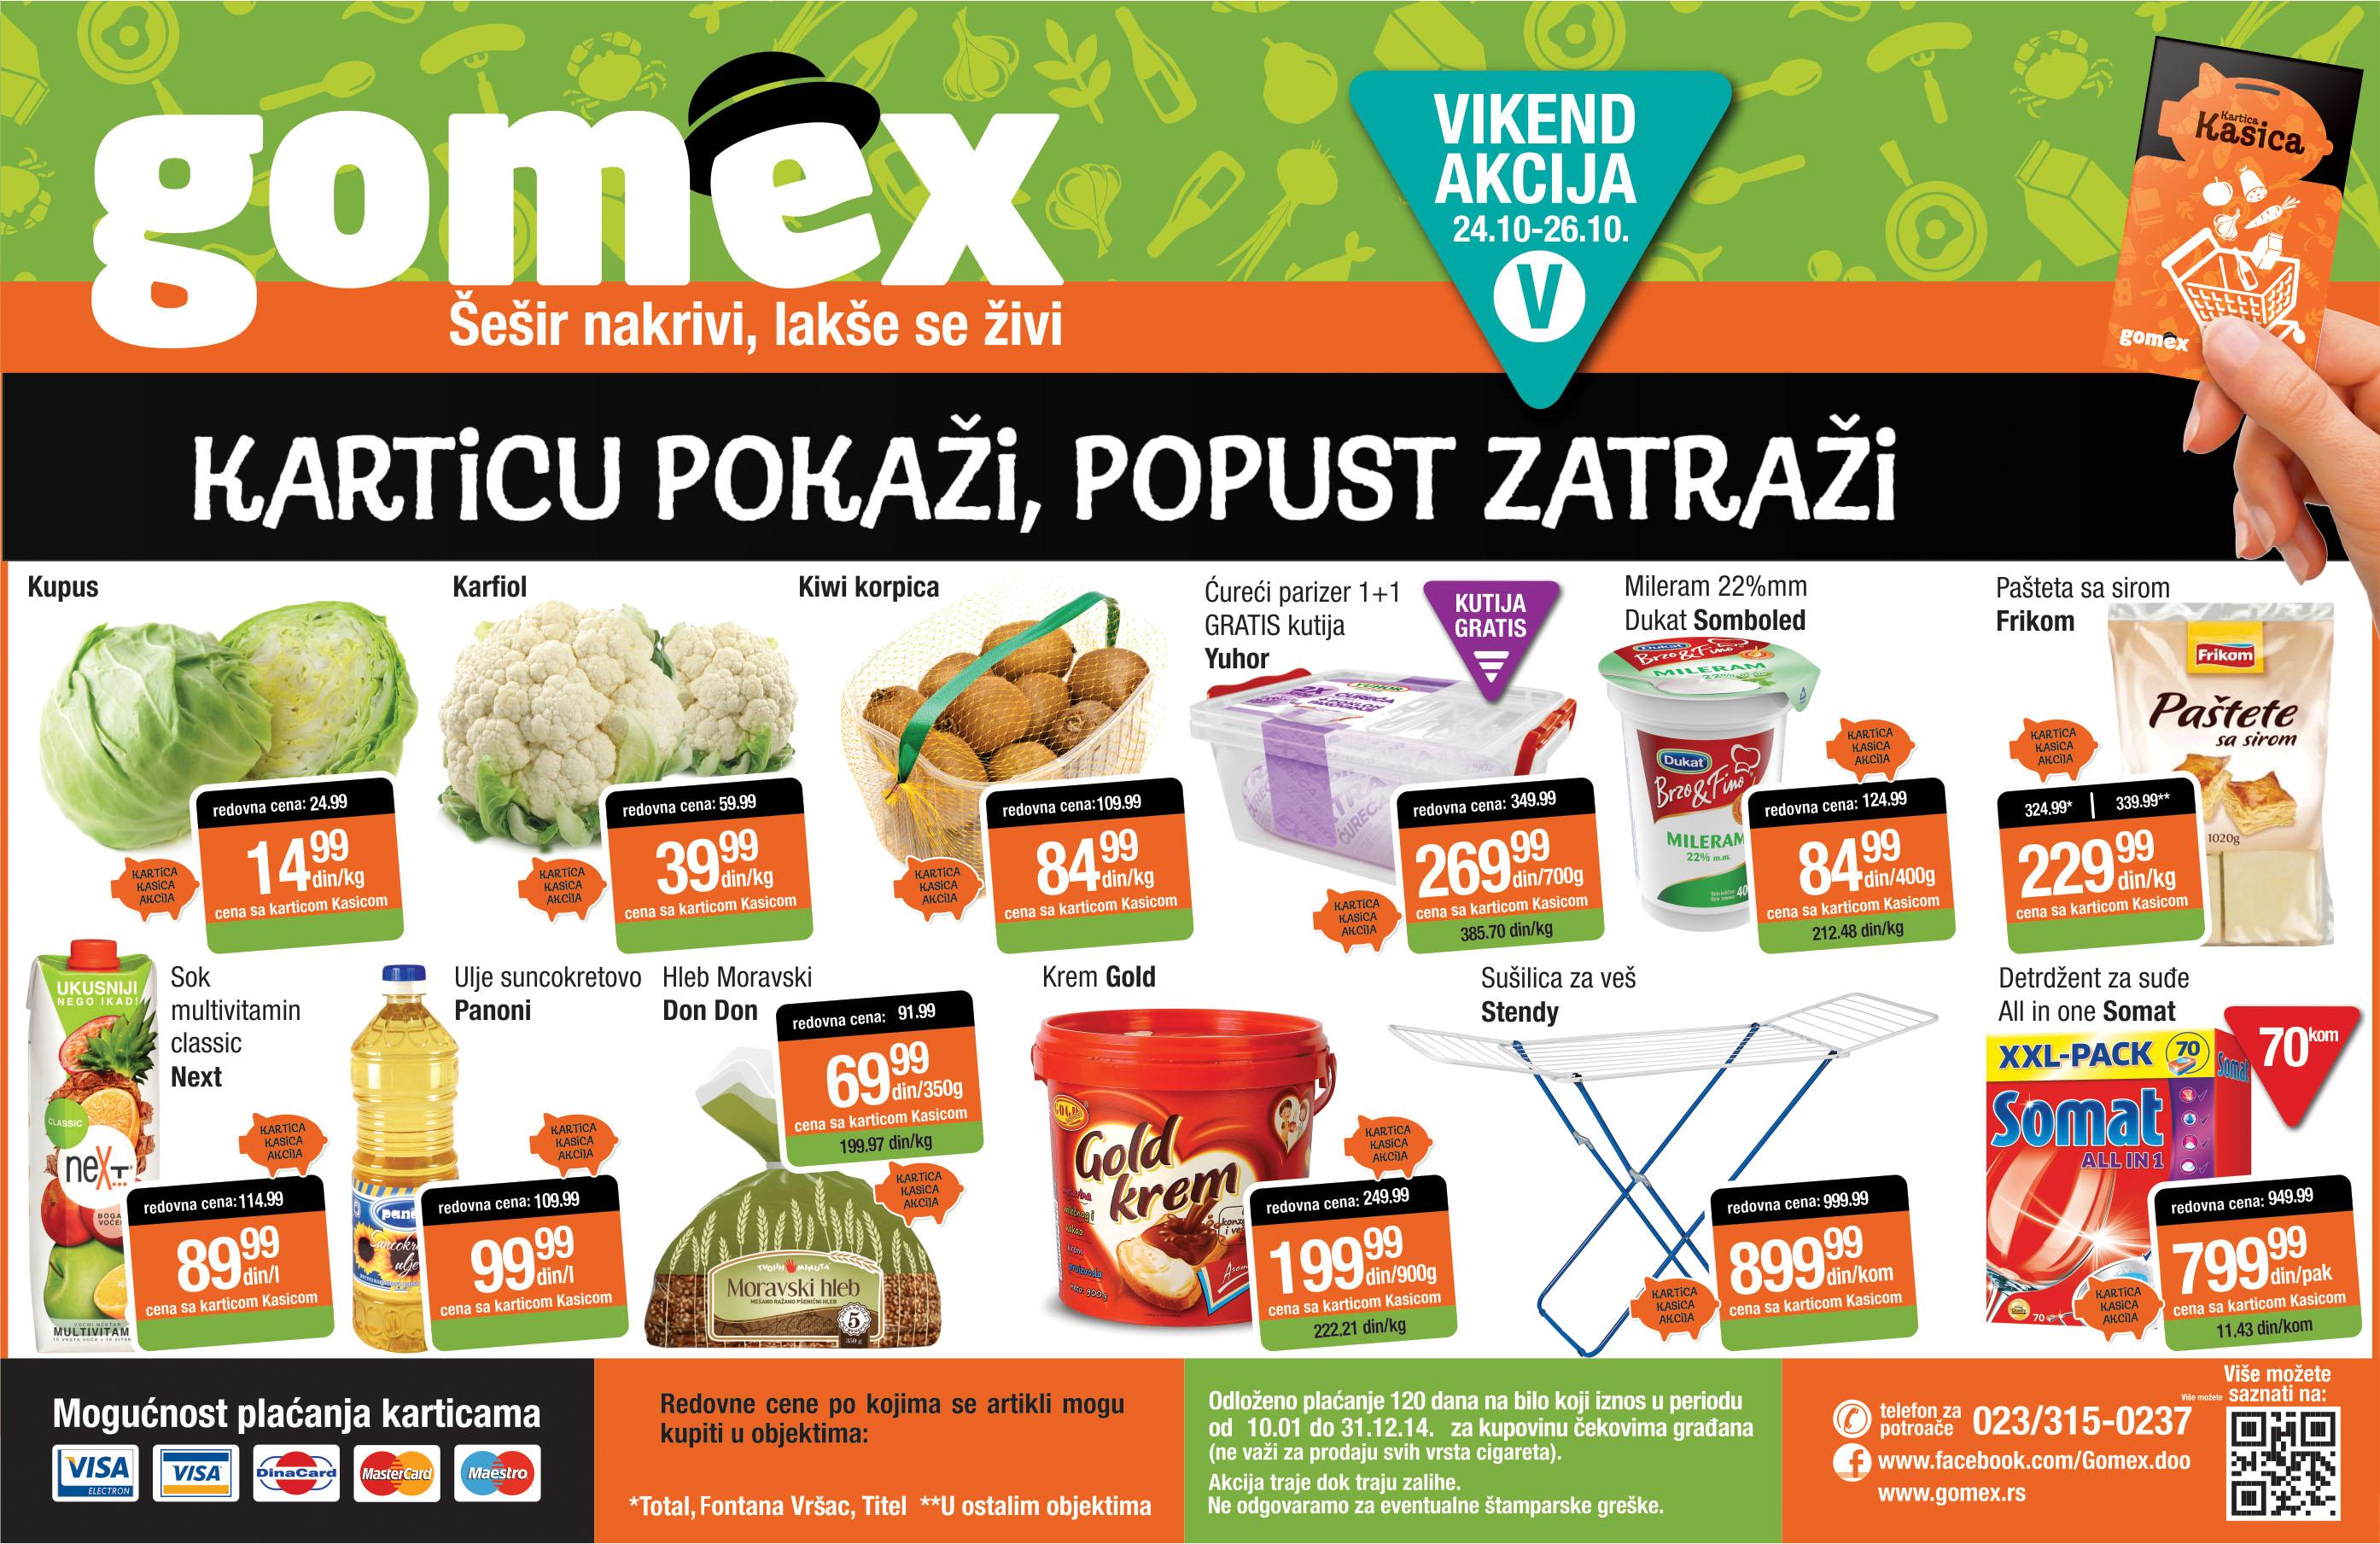 Gomex akcija vikend odlične ponude